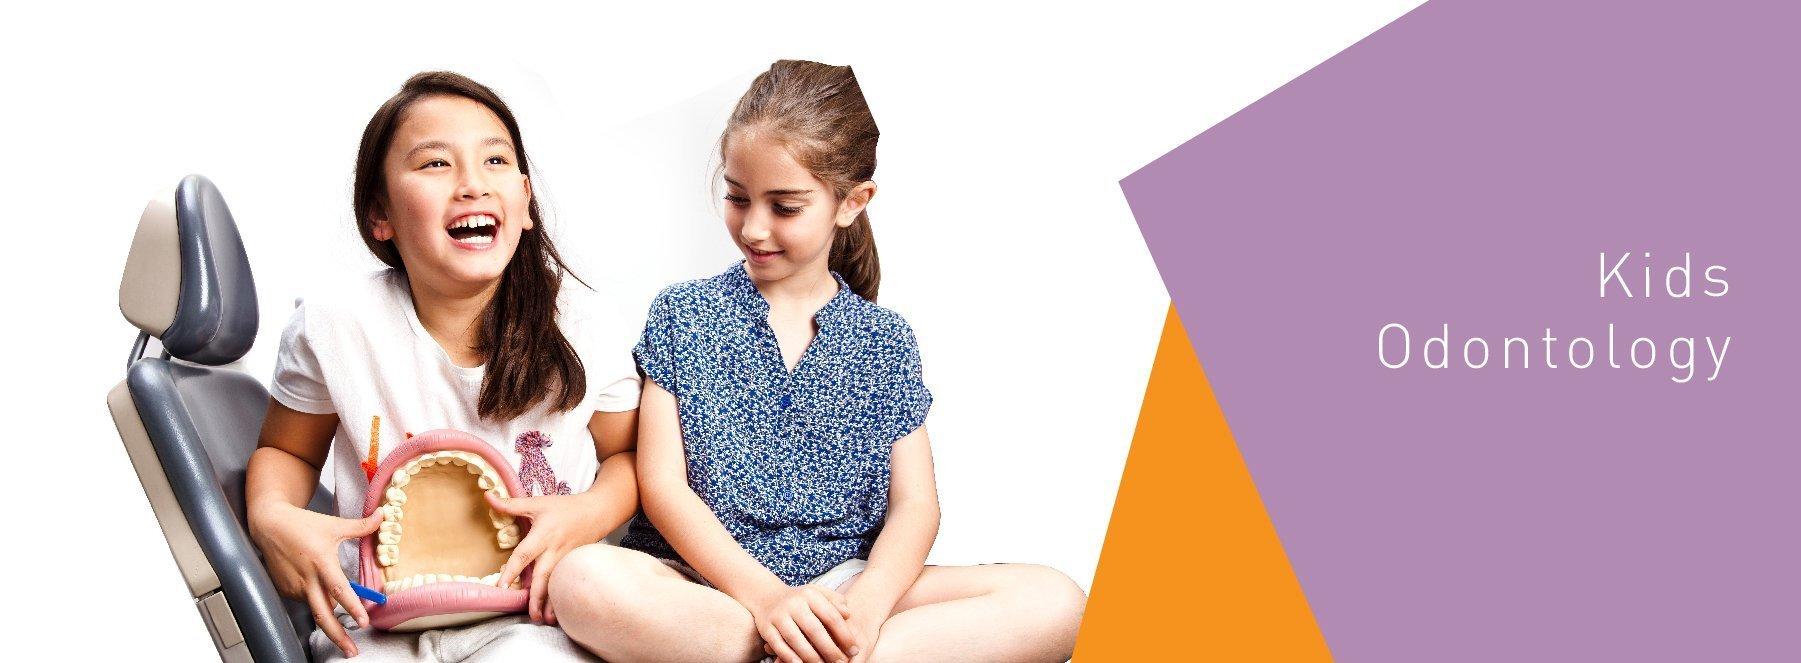 services-kids-odontology